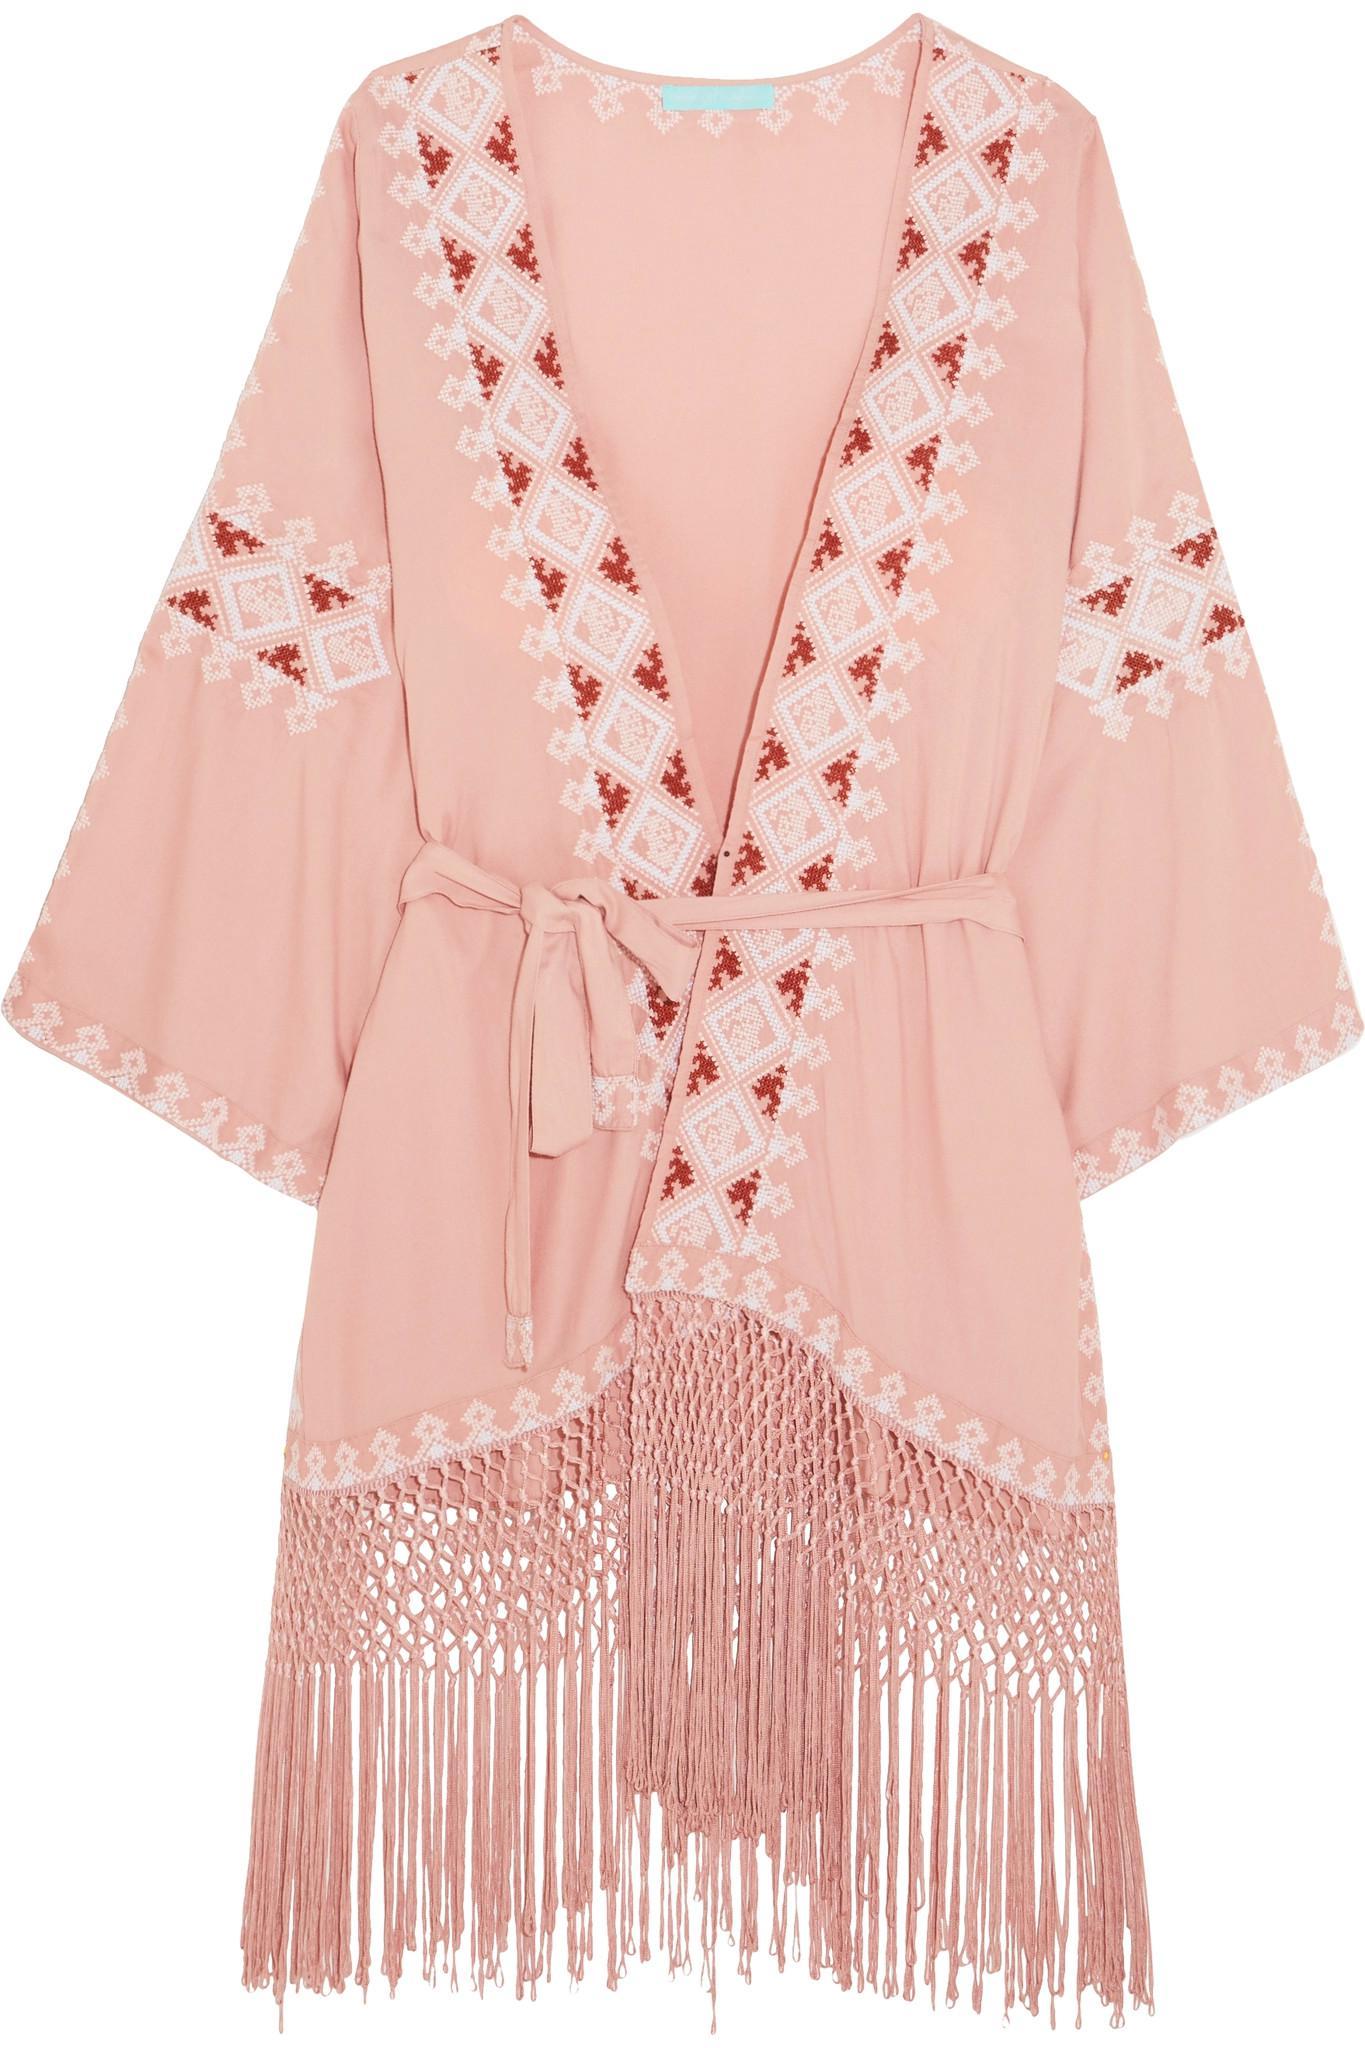 Melissa Odabash Woman Lace-up Fringed Cotton Coverup White Size L Melissa Odabash Ewqmli